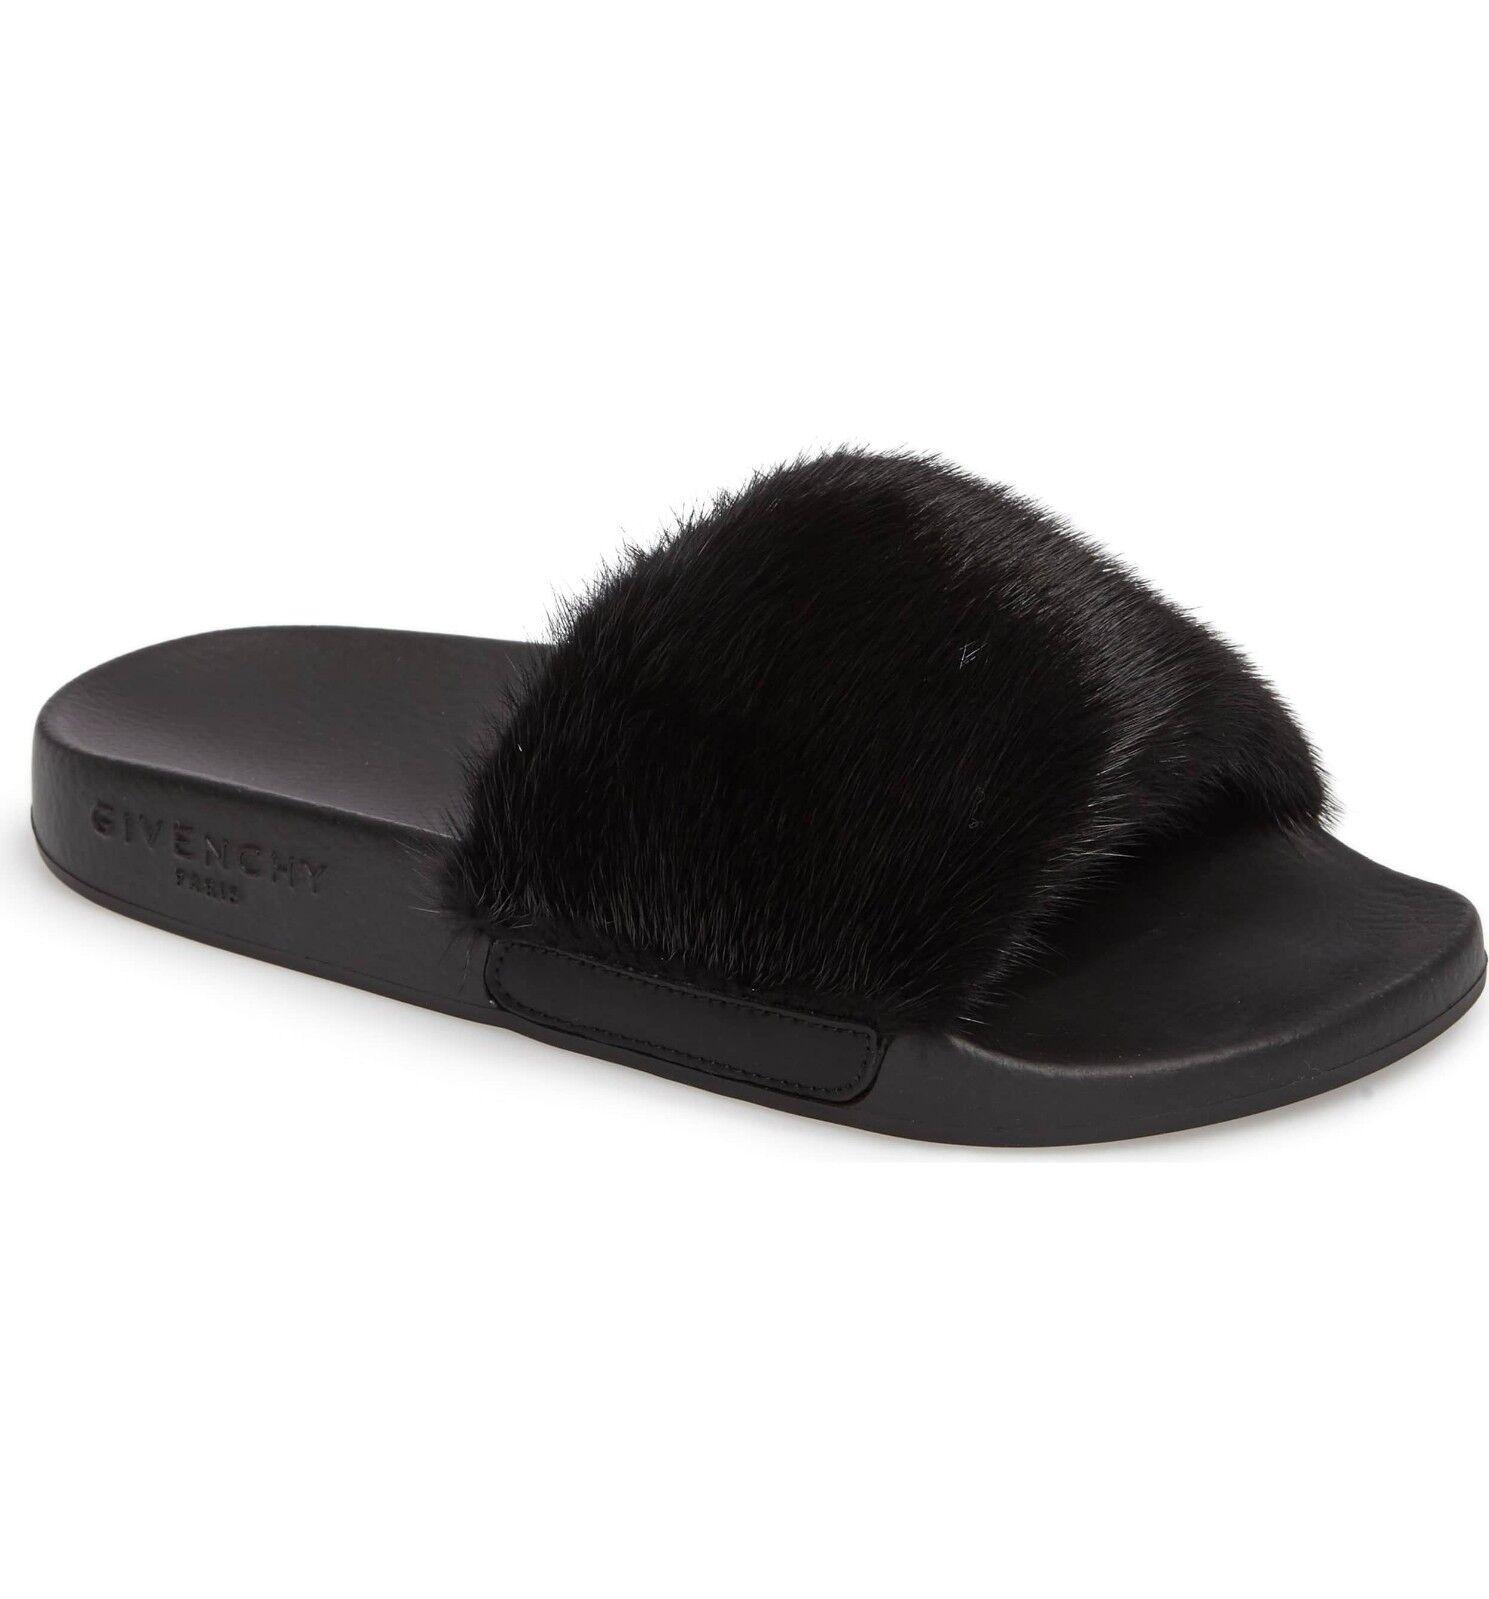 NEW Givenchy Mink Fur Slide Sandal Sandal Sandal Flats nero 37 7 ce06c6